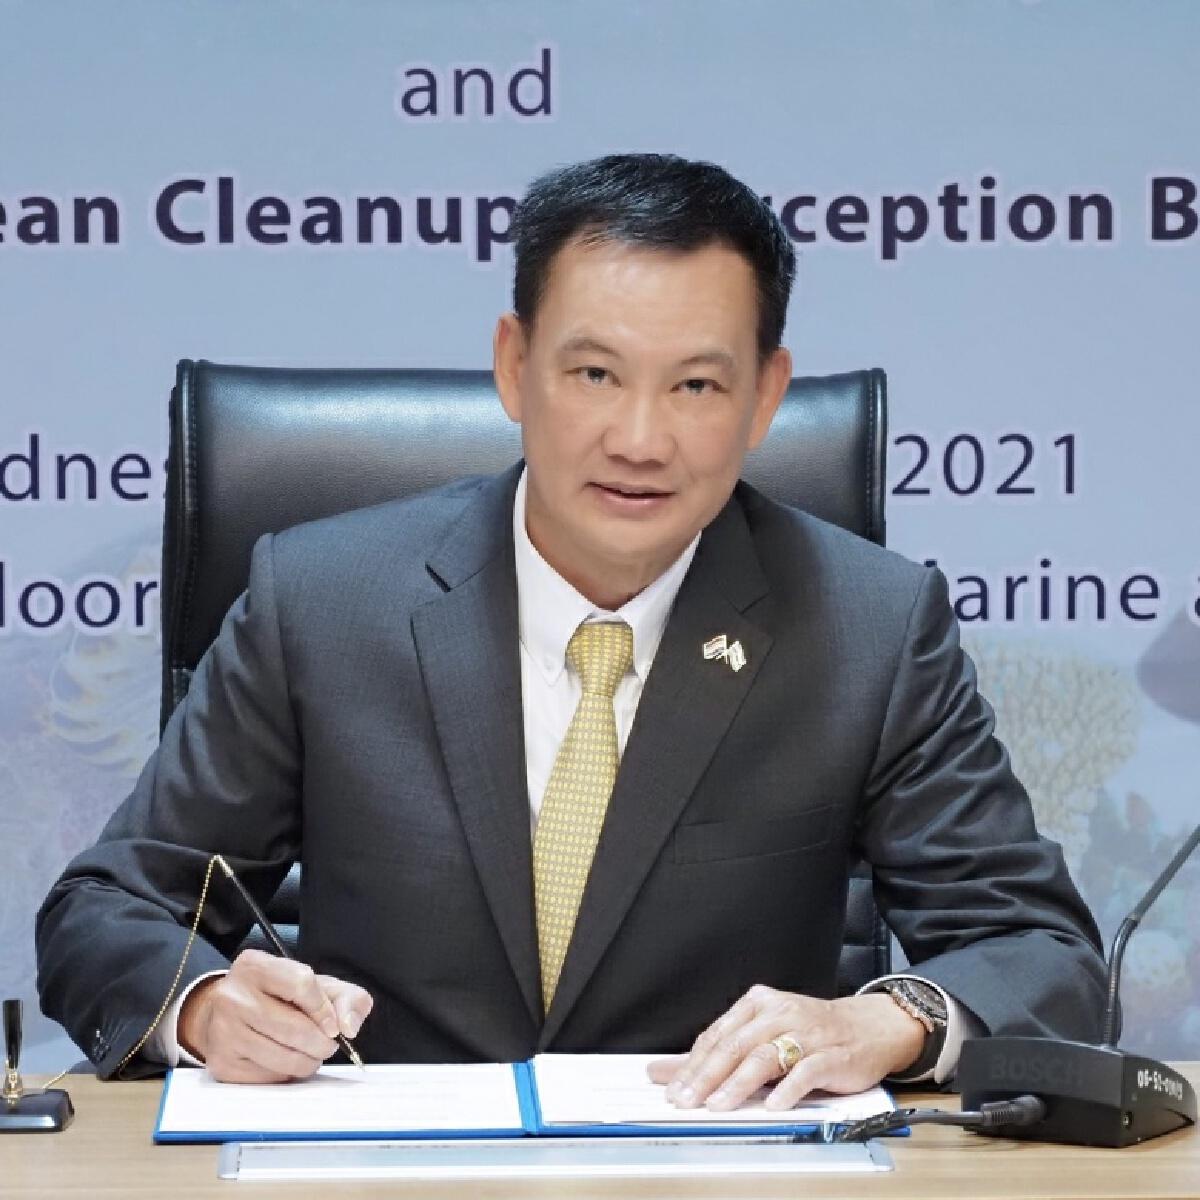 """""""วราวุธ"""" สั่งเดินหน้าแก้ไขปัญหาขยะทะเลหลัง ทช. ลงนามความร่วมมือ The Ocean Cleanup  """"บิ้กป้อม"""" เร่งรัดจัดการด่วน"""